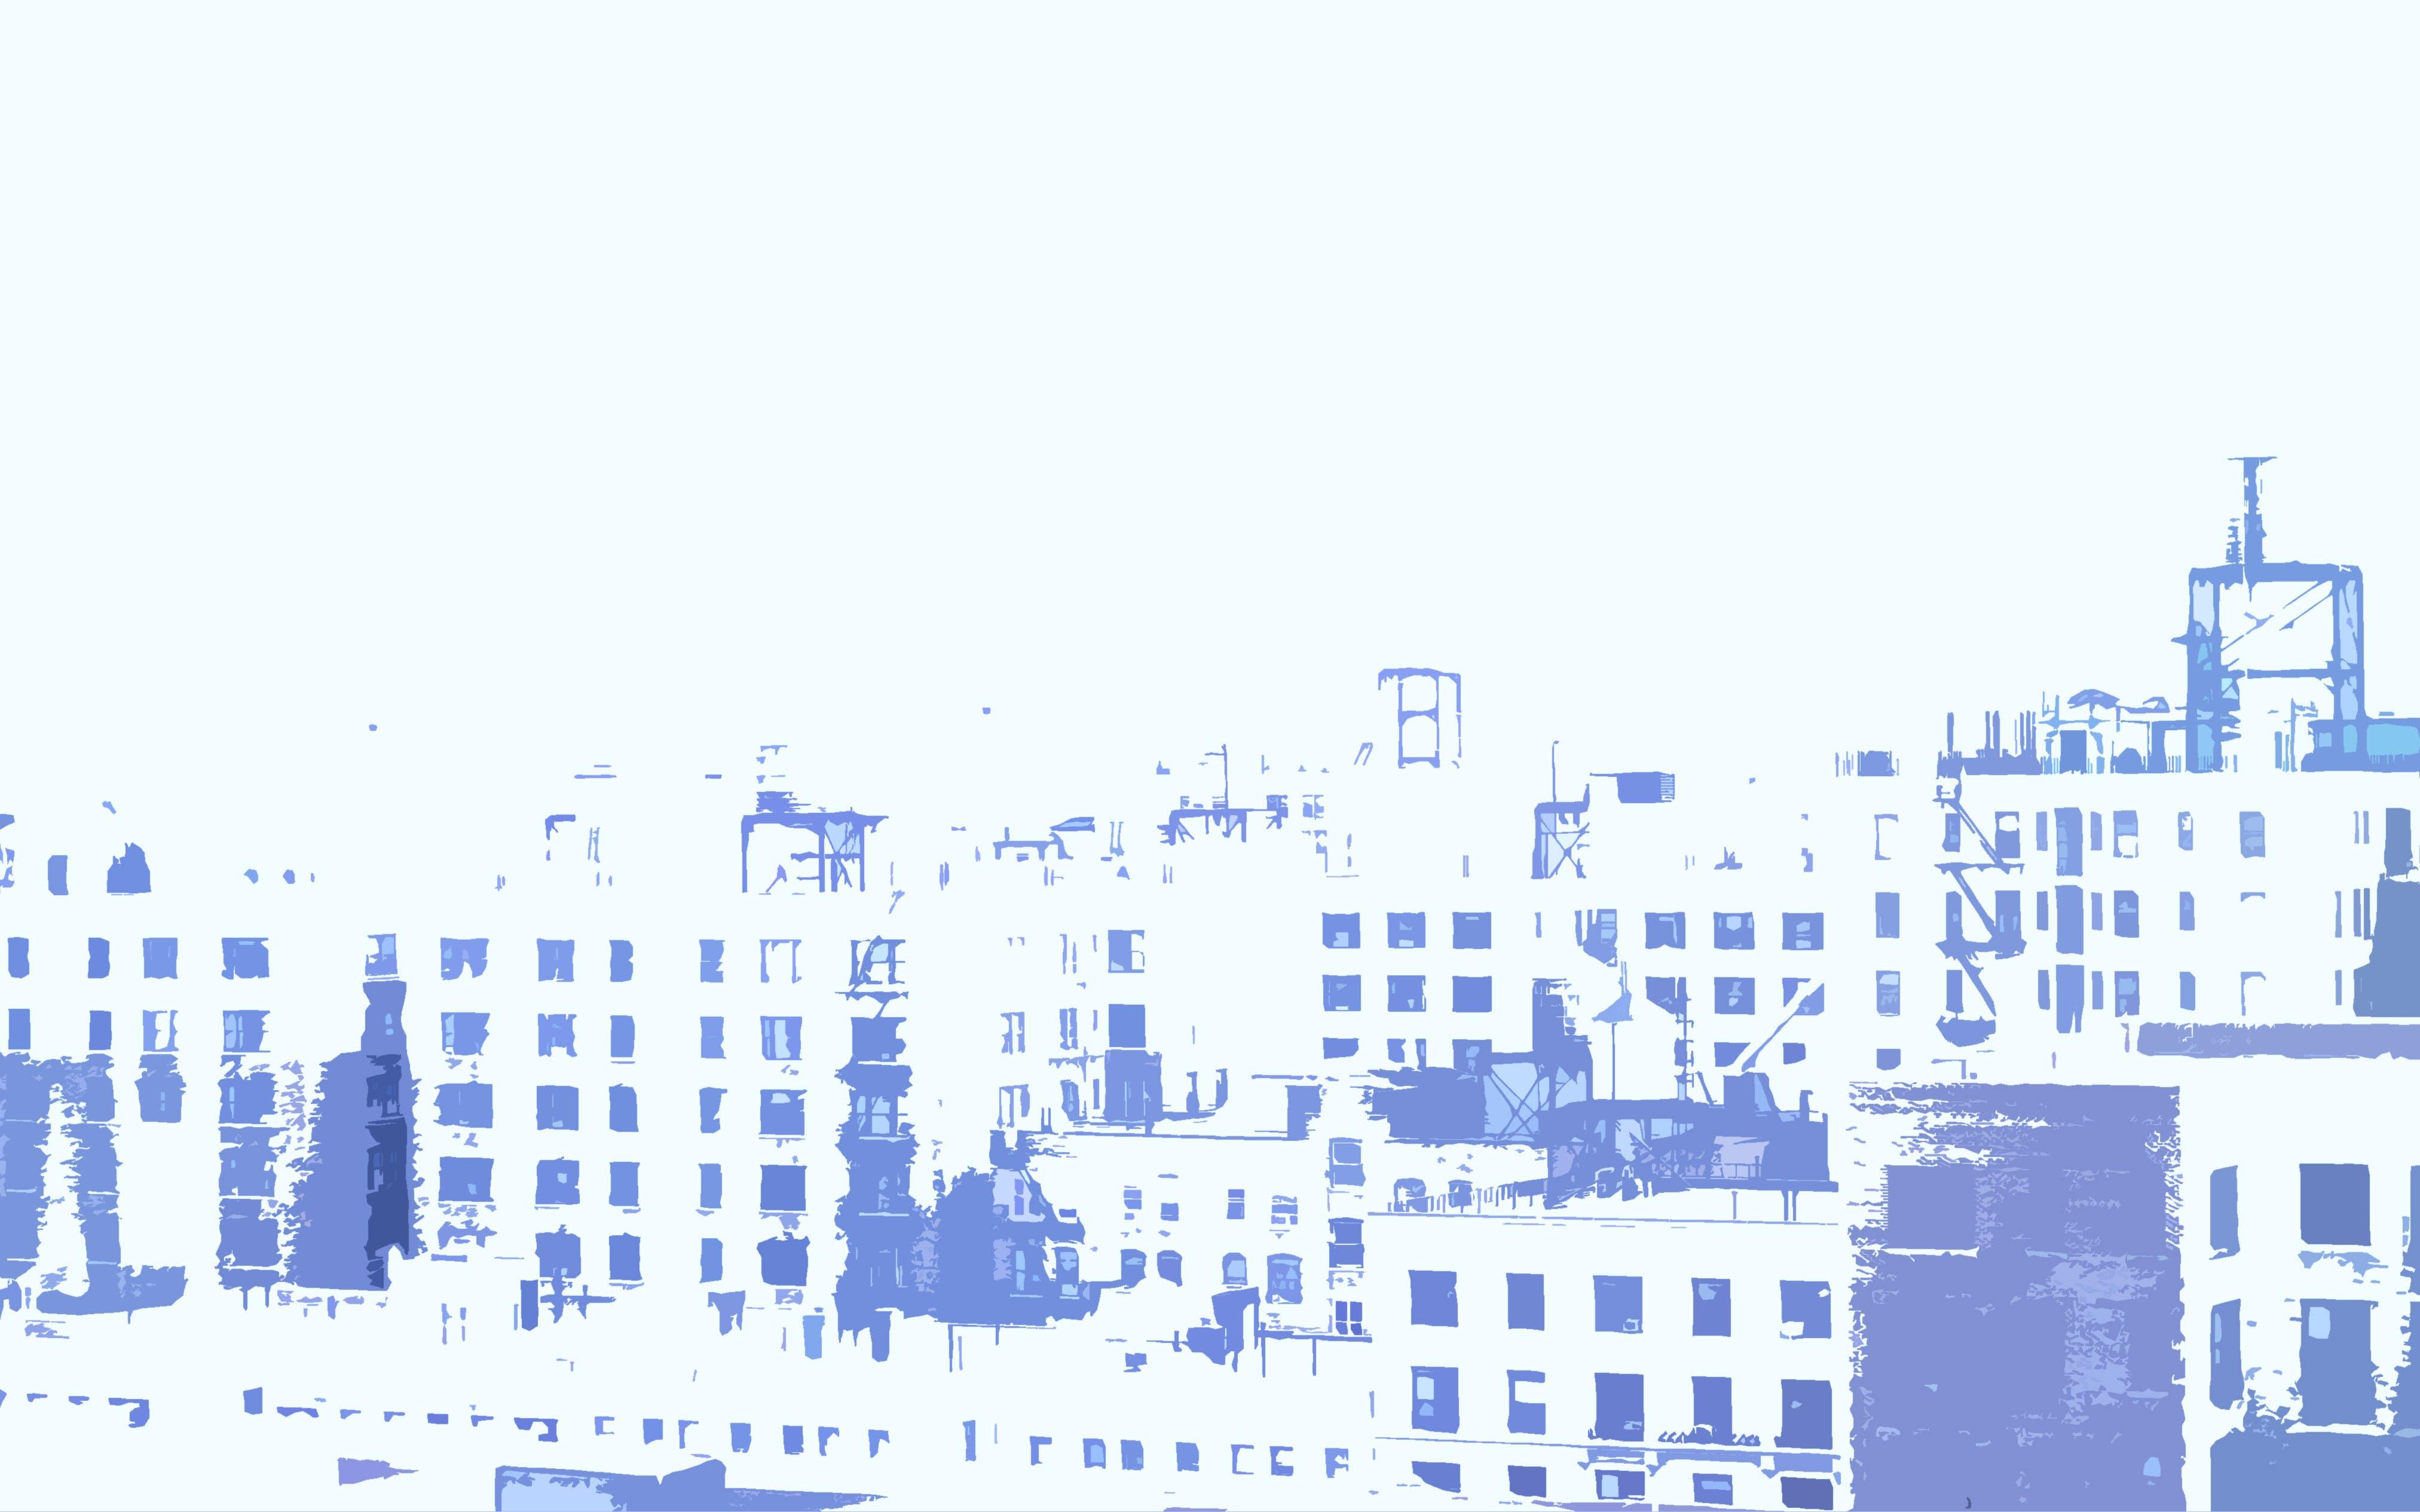 Δωρεάν στοκ φωτογραφιών με background, harlem, αρχιτεκτονική, διαμερίσματα